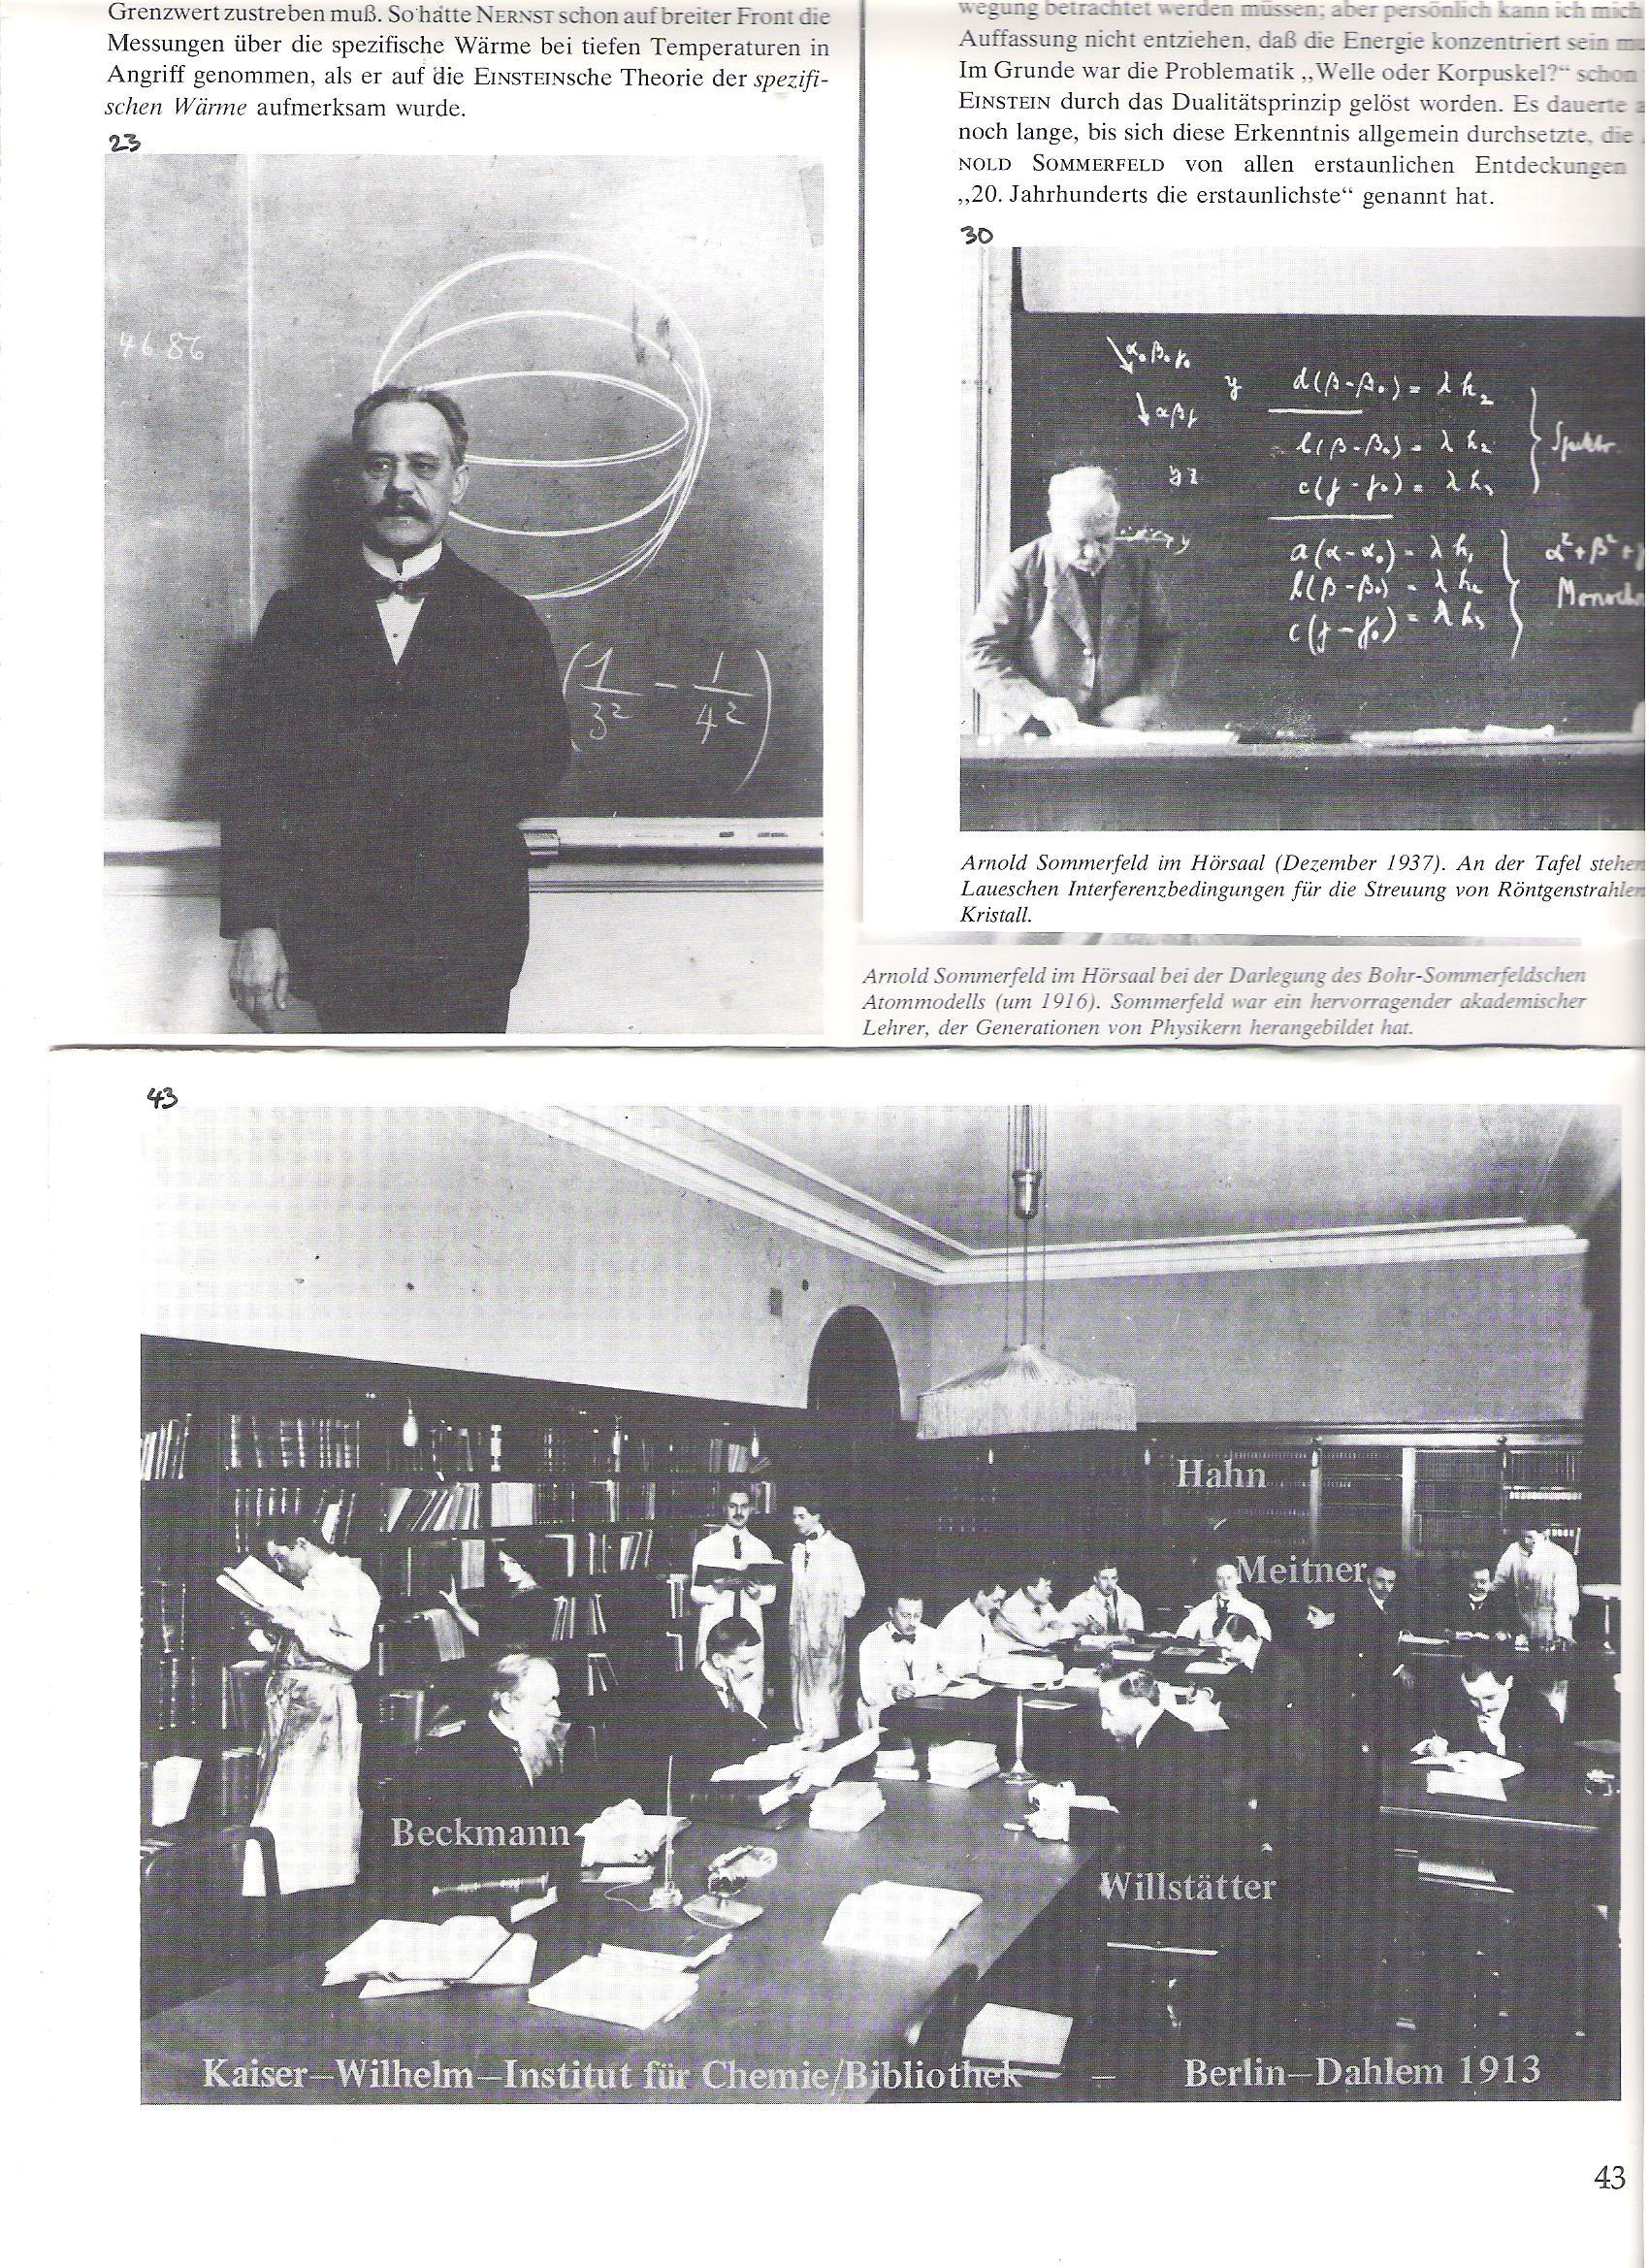 """23<br />Arnold Sommerfeld egy előadó teremben, a Bohr-Sommerfeld-atommodell előadásánál, 1916 táján.<br /><br />30<br />Sommerfeld egy előadó teremben  1937 decemberében.  A táblán a Laue-féle interferencafeltételek, Röntgen-sugarak kristályrácson való elhajlásakor.<br /><br />43<br />A Kaiser Wilhelm Kémiai Intézet könyvtára, 1913. Láthatók az igazgatók Otto Beckmann és Richard Willstätter (elől), a kis """"radioaktív részleg"""" vezetője Otto Hahn munkatársnőjével, Lise Meitnerrel ( a háttérben jobbról)."""